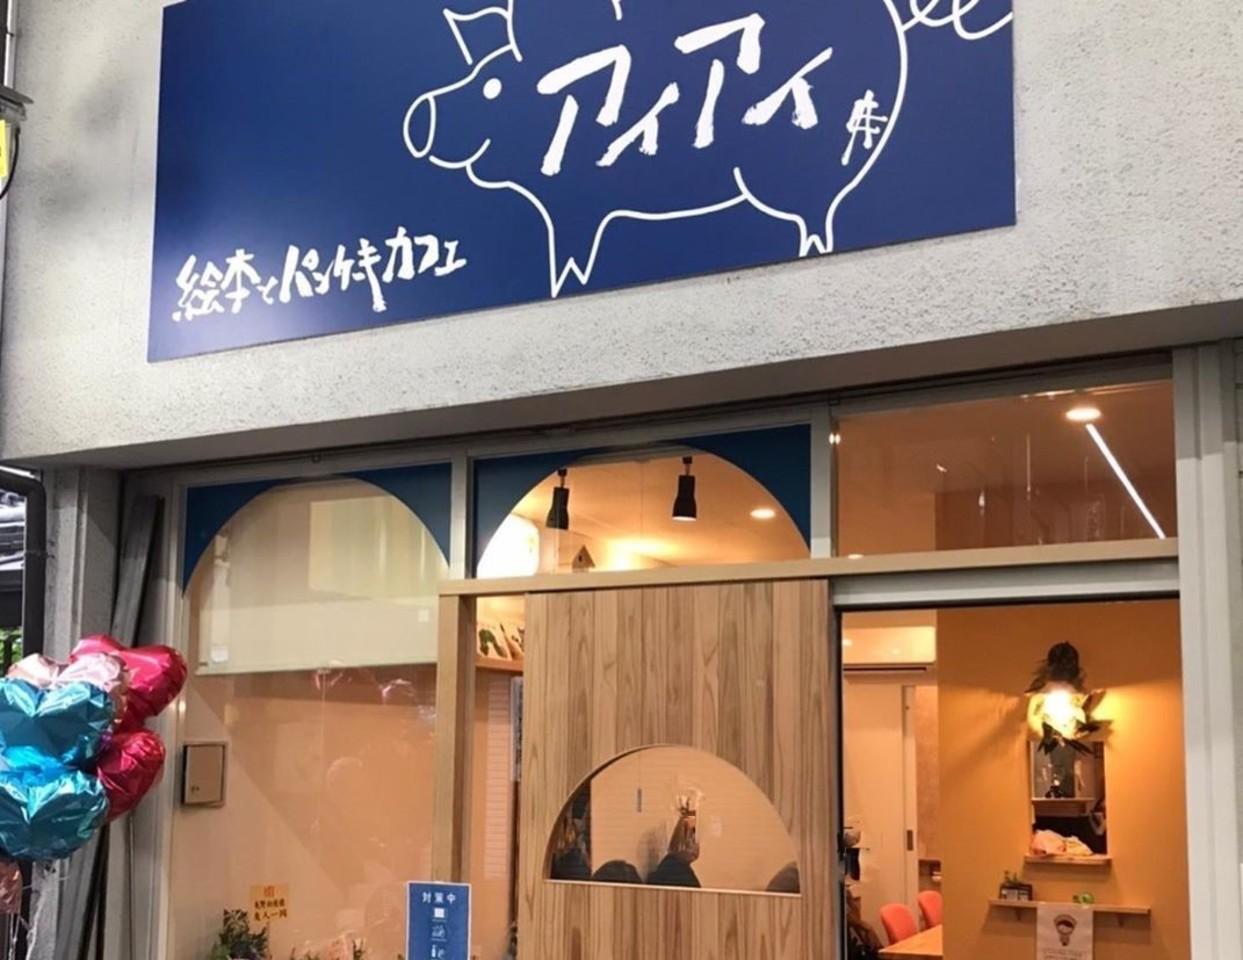 祝!5/30open『絵本とパンケーキカフェ アイアイ』(大阪市阿倍野区)